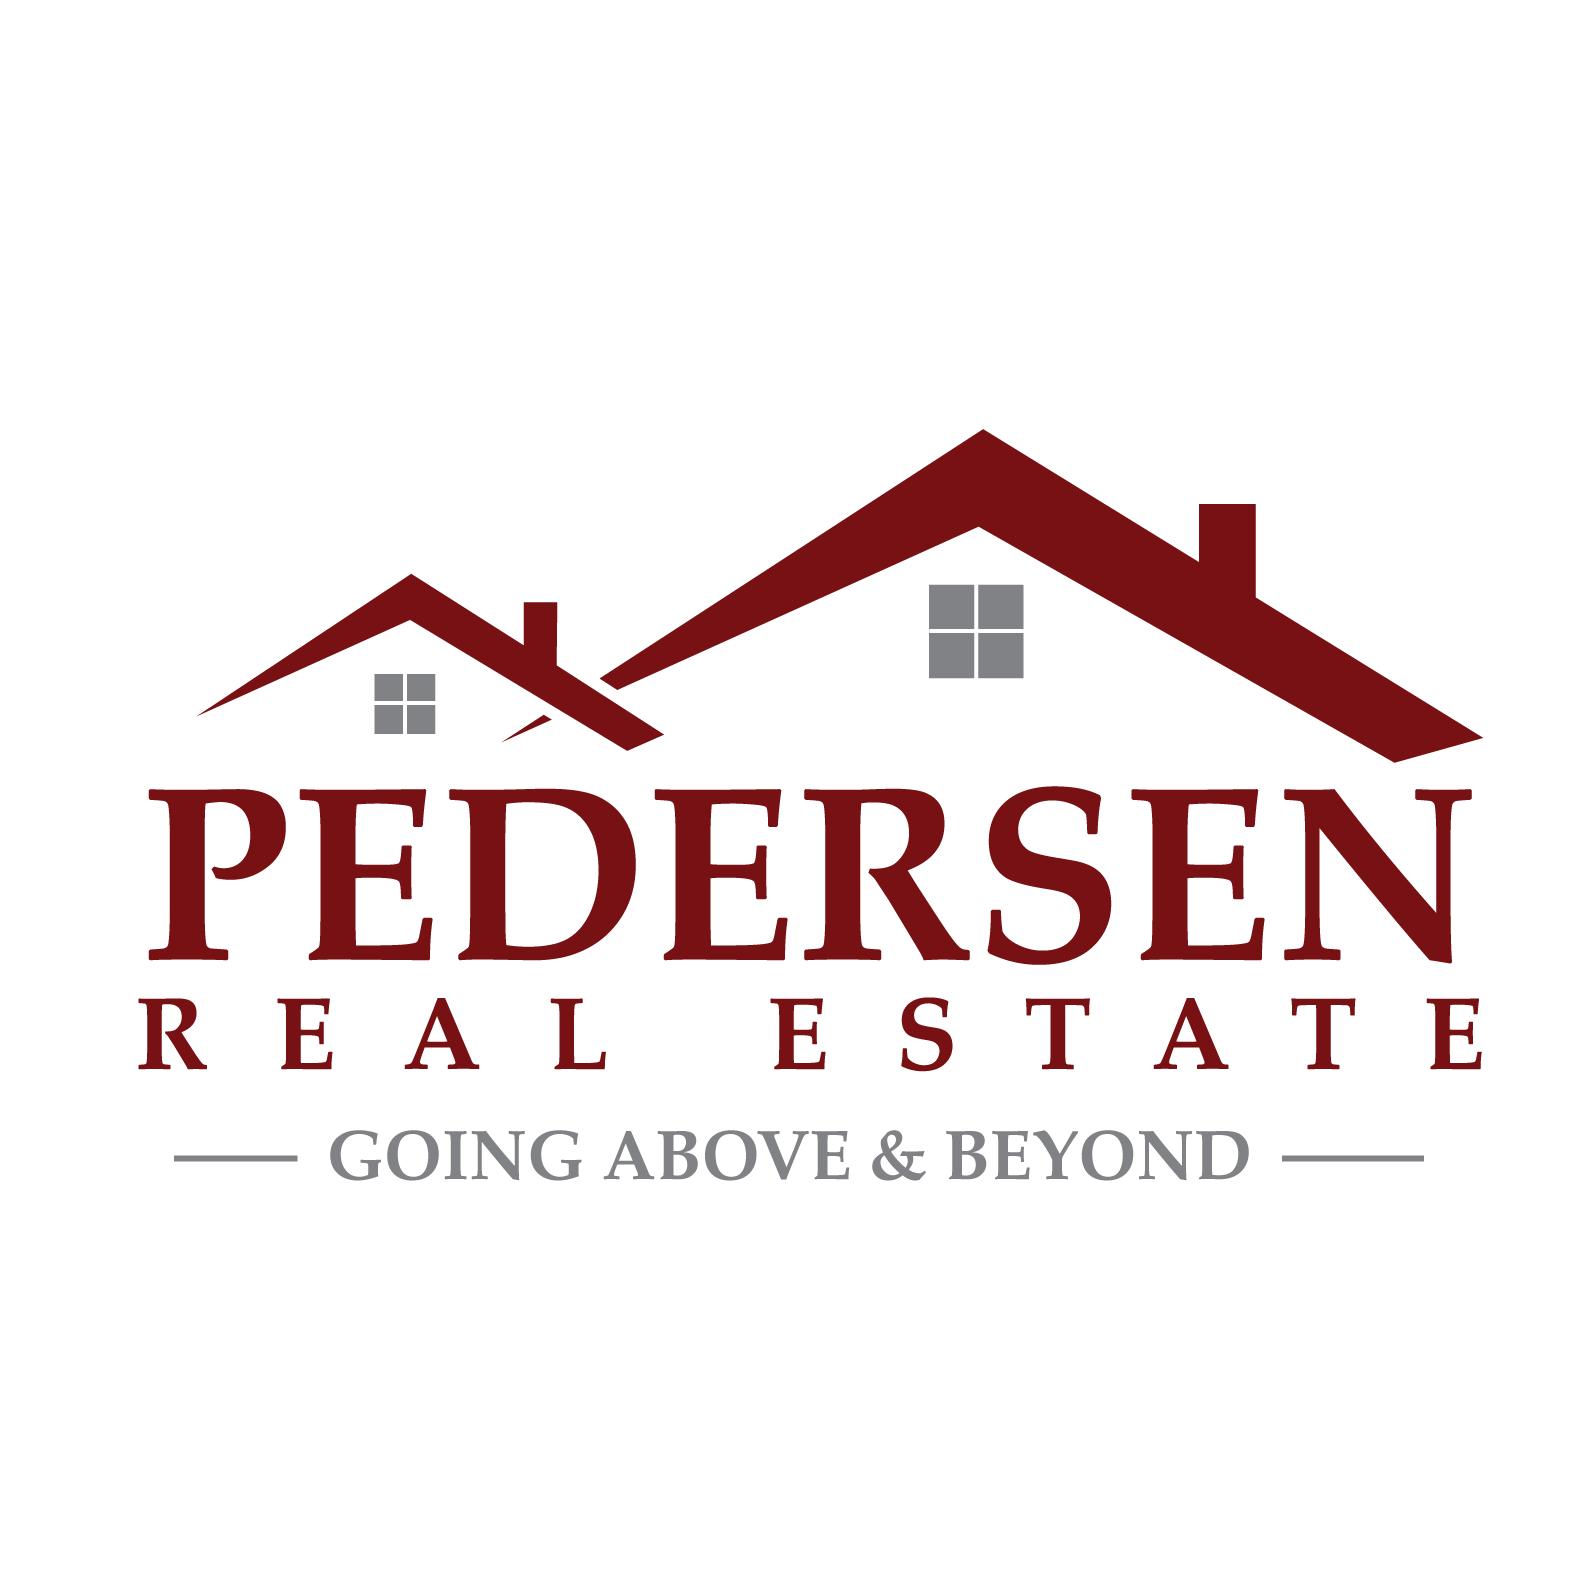 Pedersen Real Estate